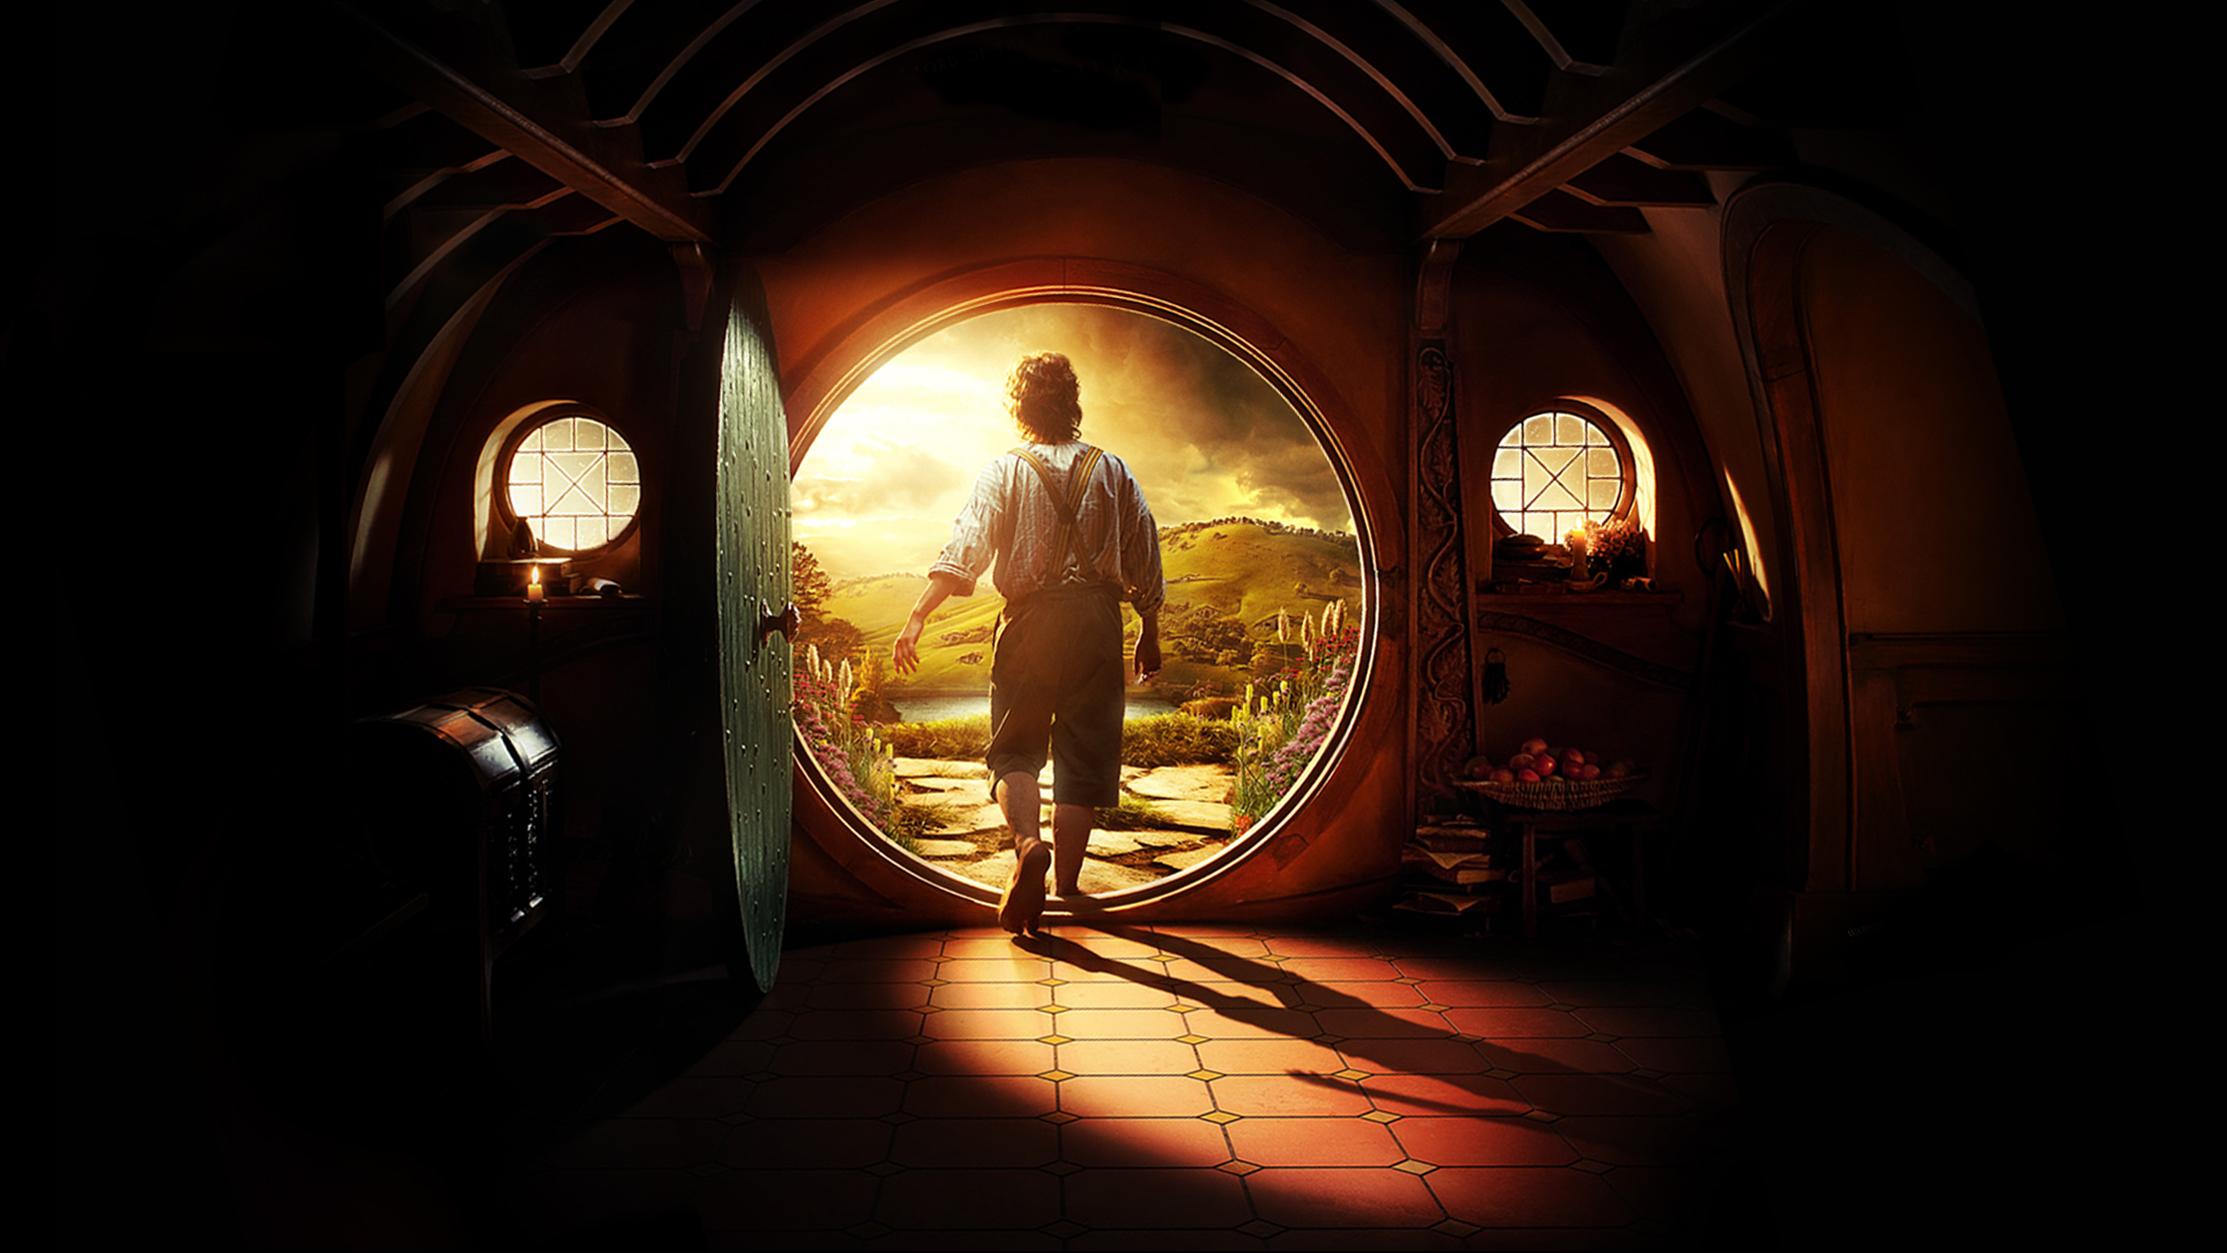 The Hobbit Wallpaper 2227x1253